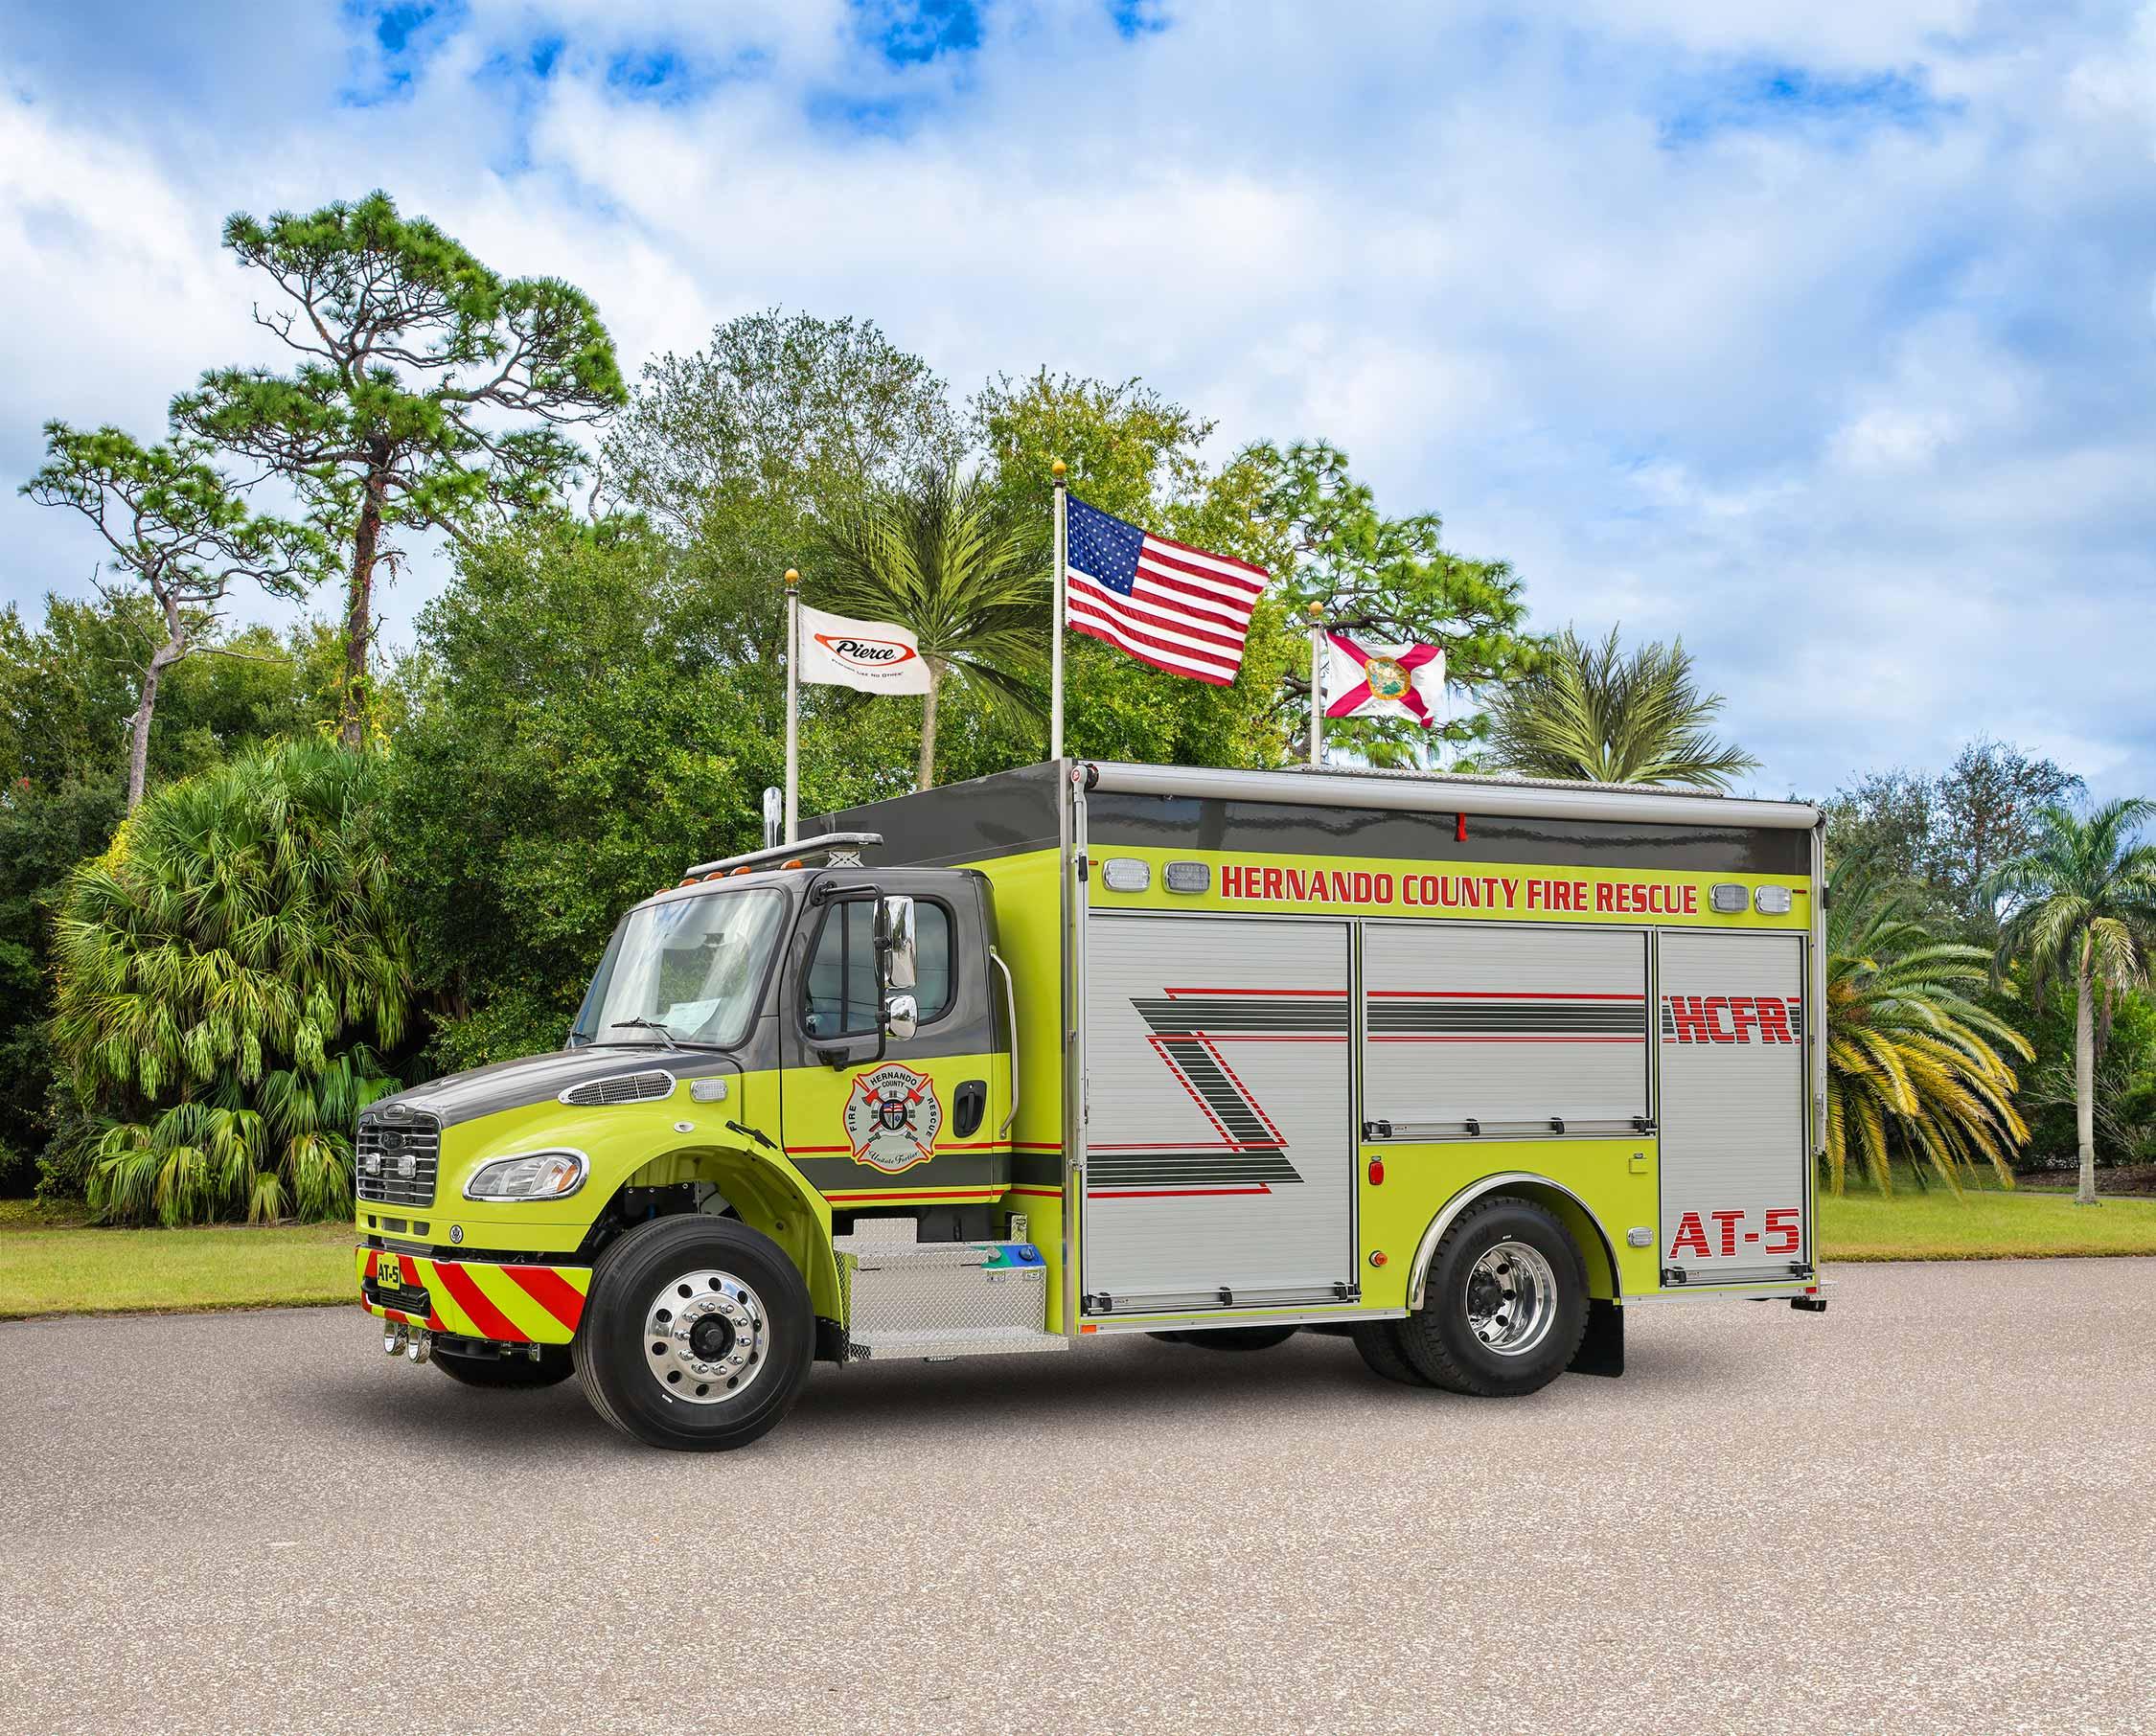 Hernando County Fire Rescue - Rescue